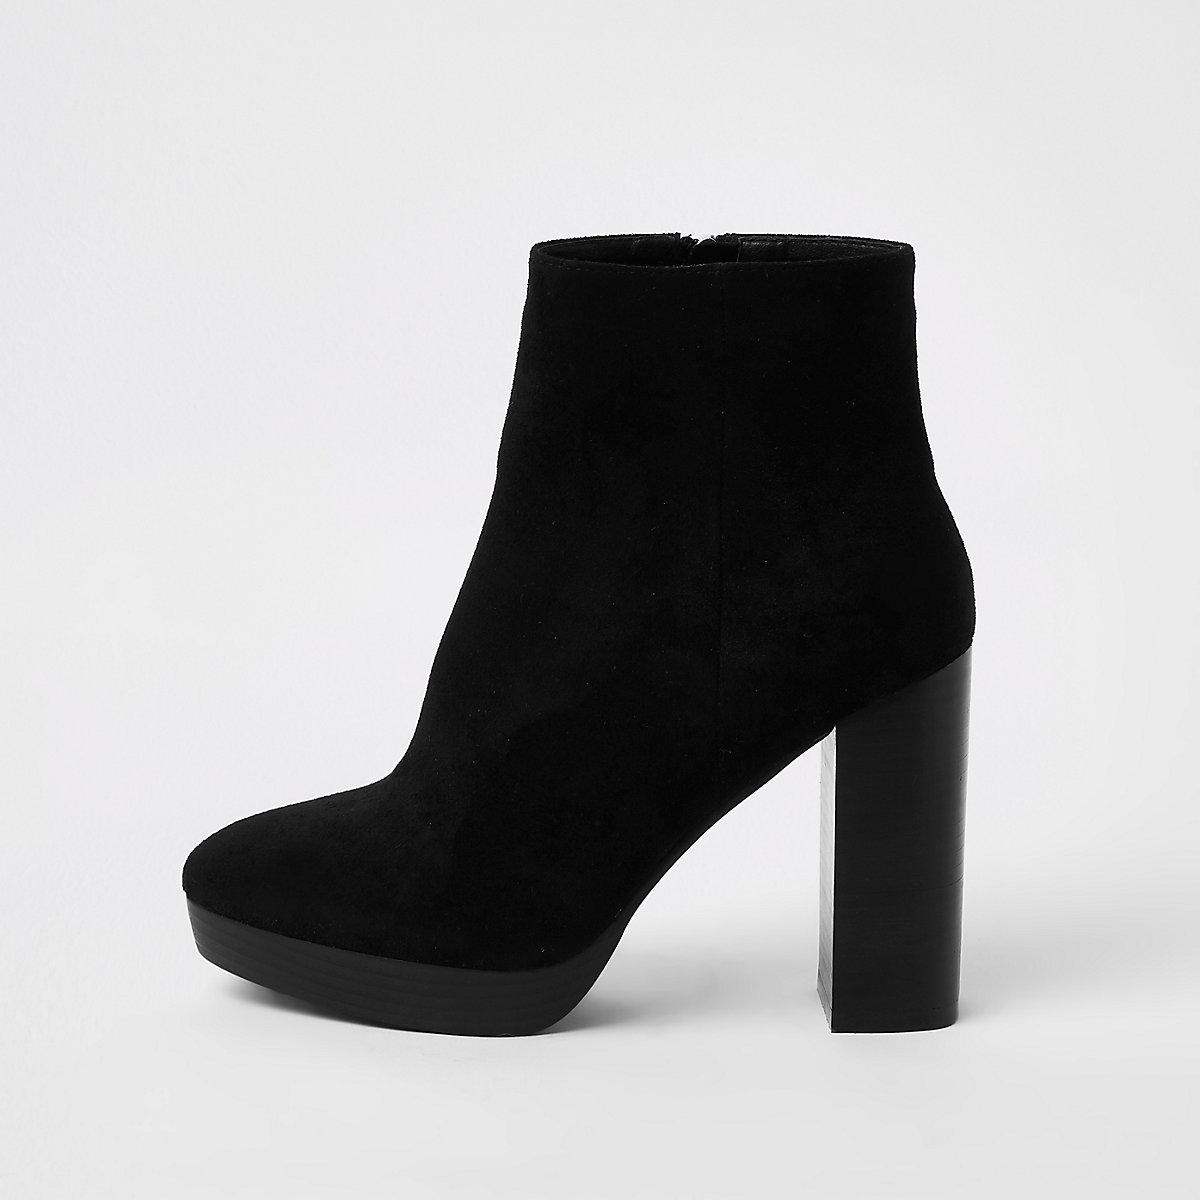 Zwarte laarzen met blokhak en plateauzool